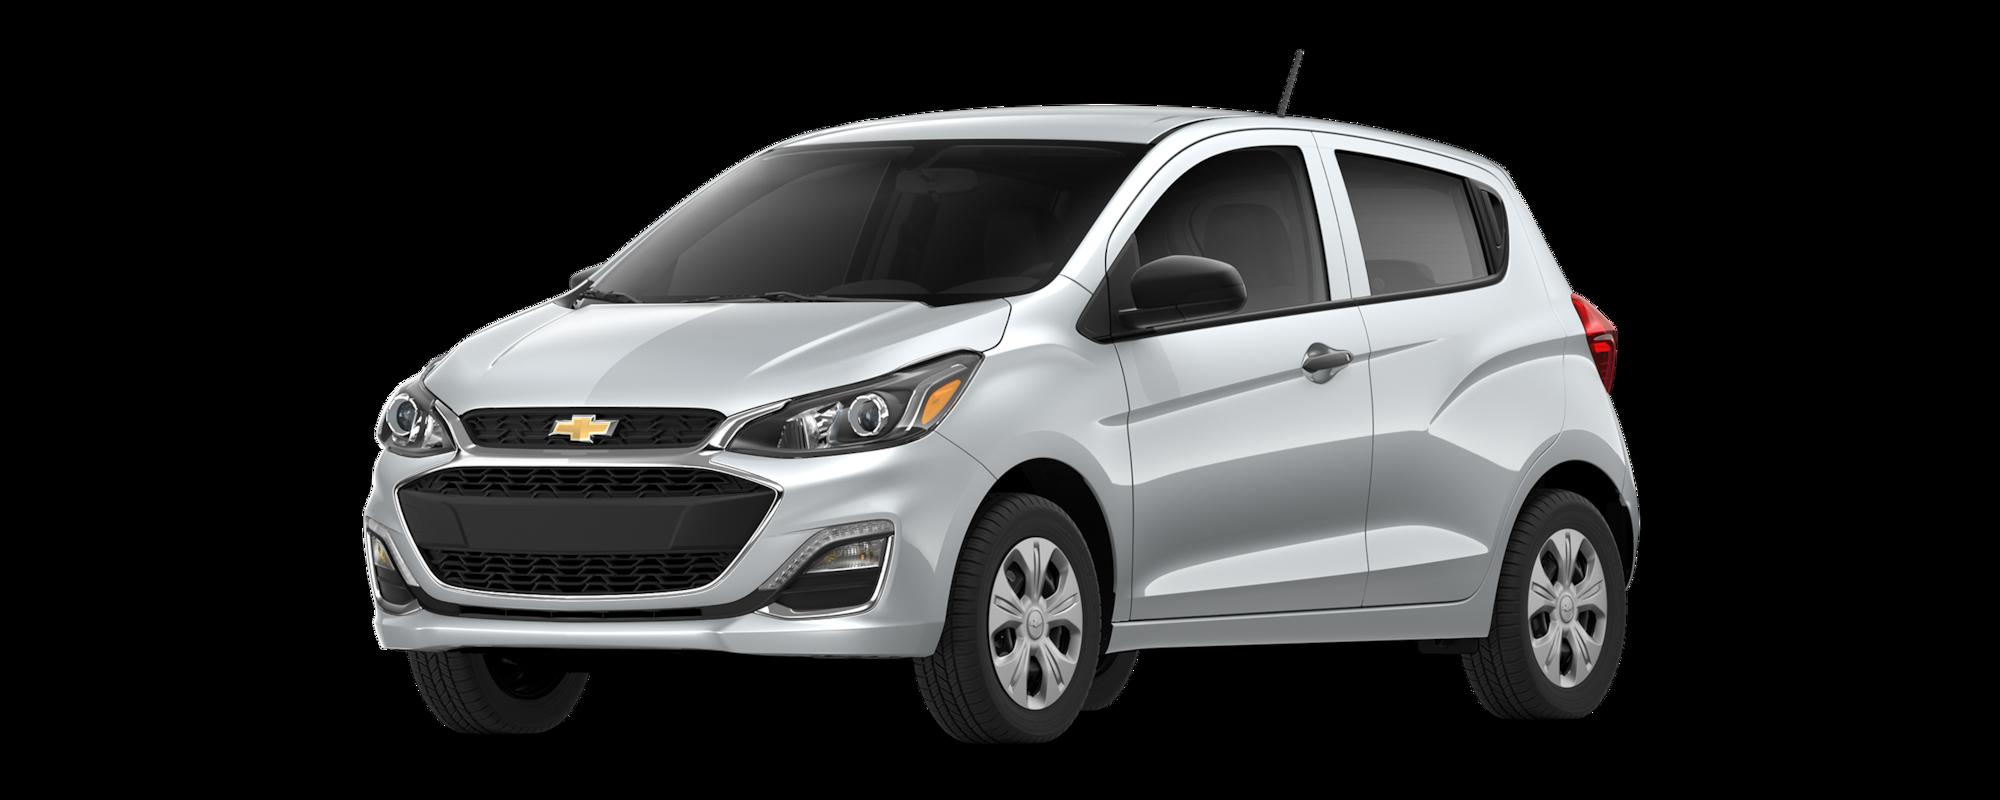 Chevrolet Spark 2019, ahorrador de gasolina, en su versión LT manual